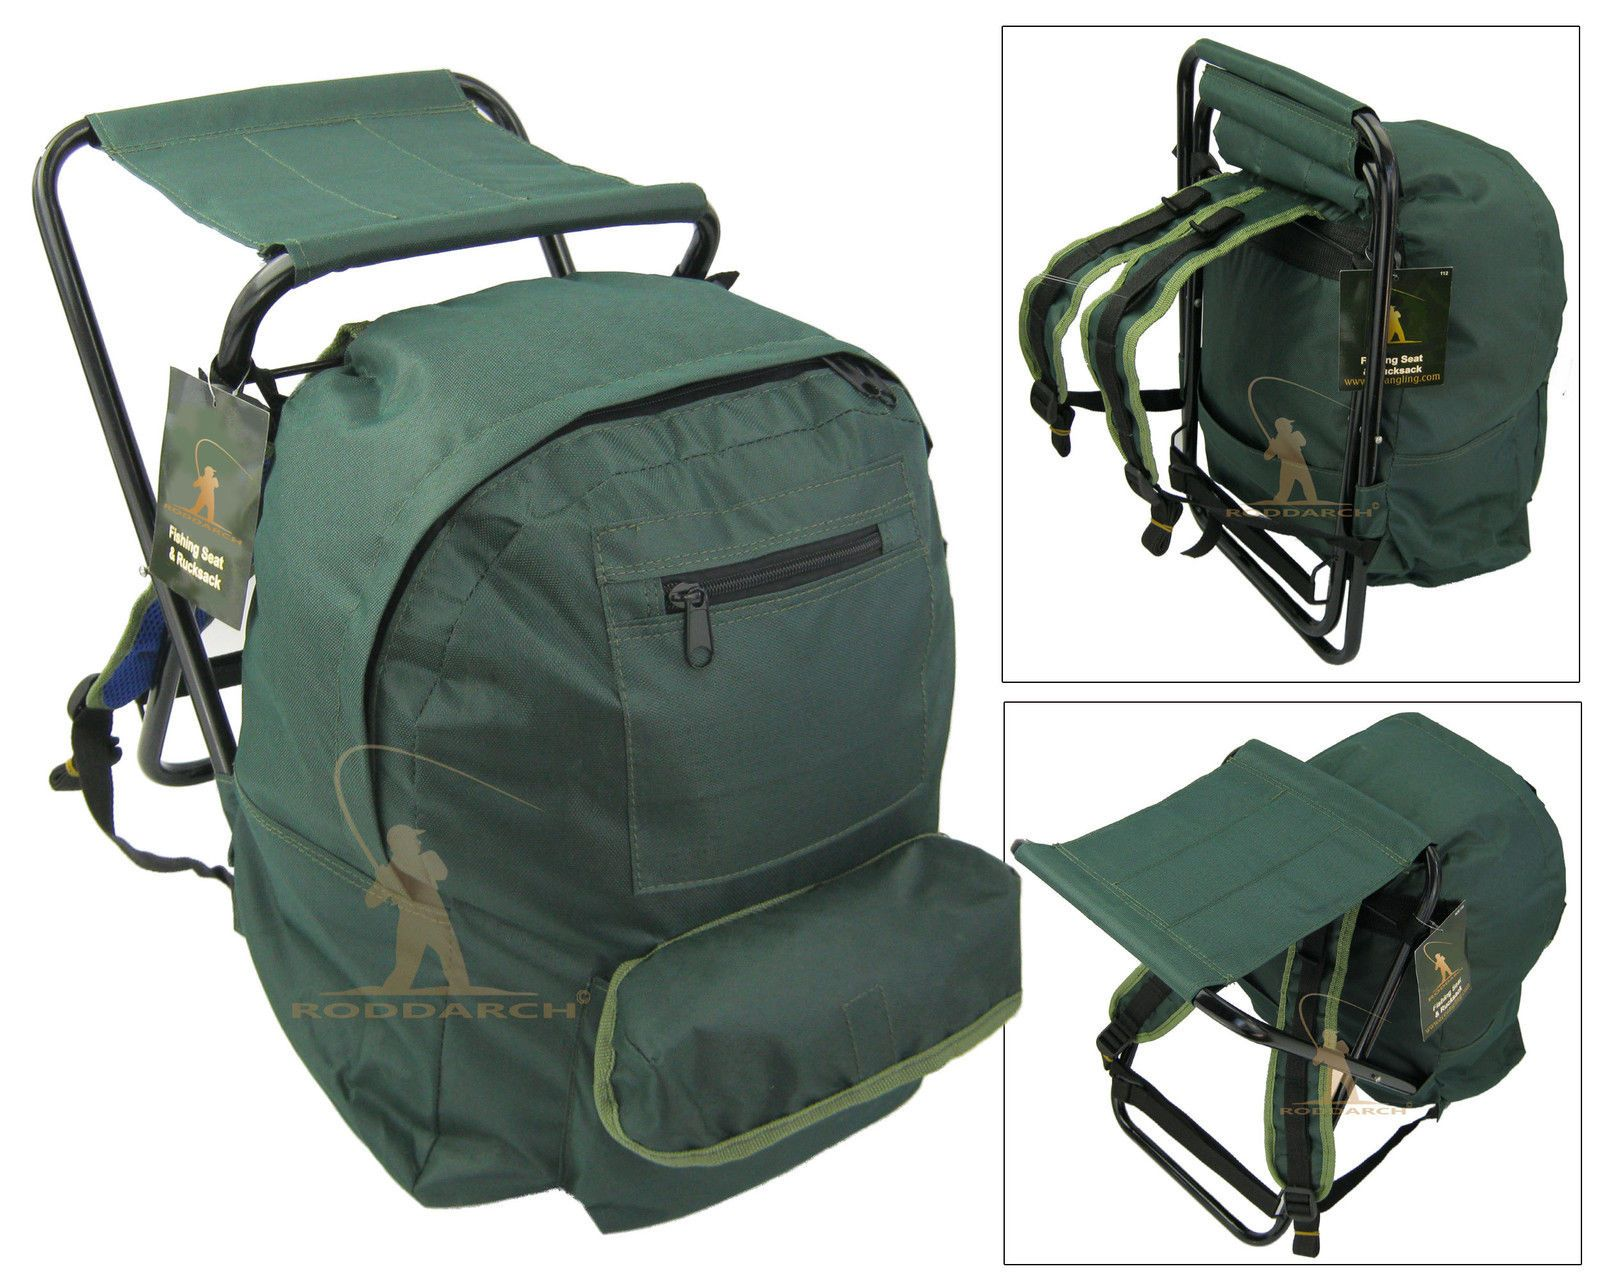 Backpack fishing chair - Fishing Tackle Seat Bag Backpack Rucksack Camping Stool Seat Box Tackle Box Ba